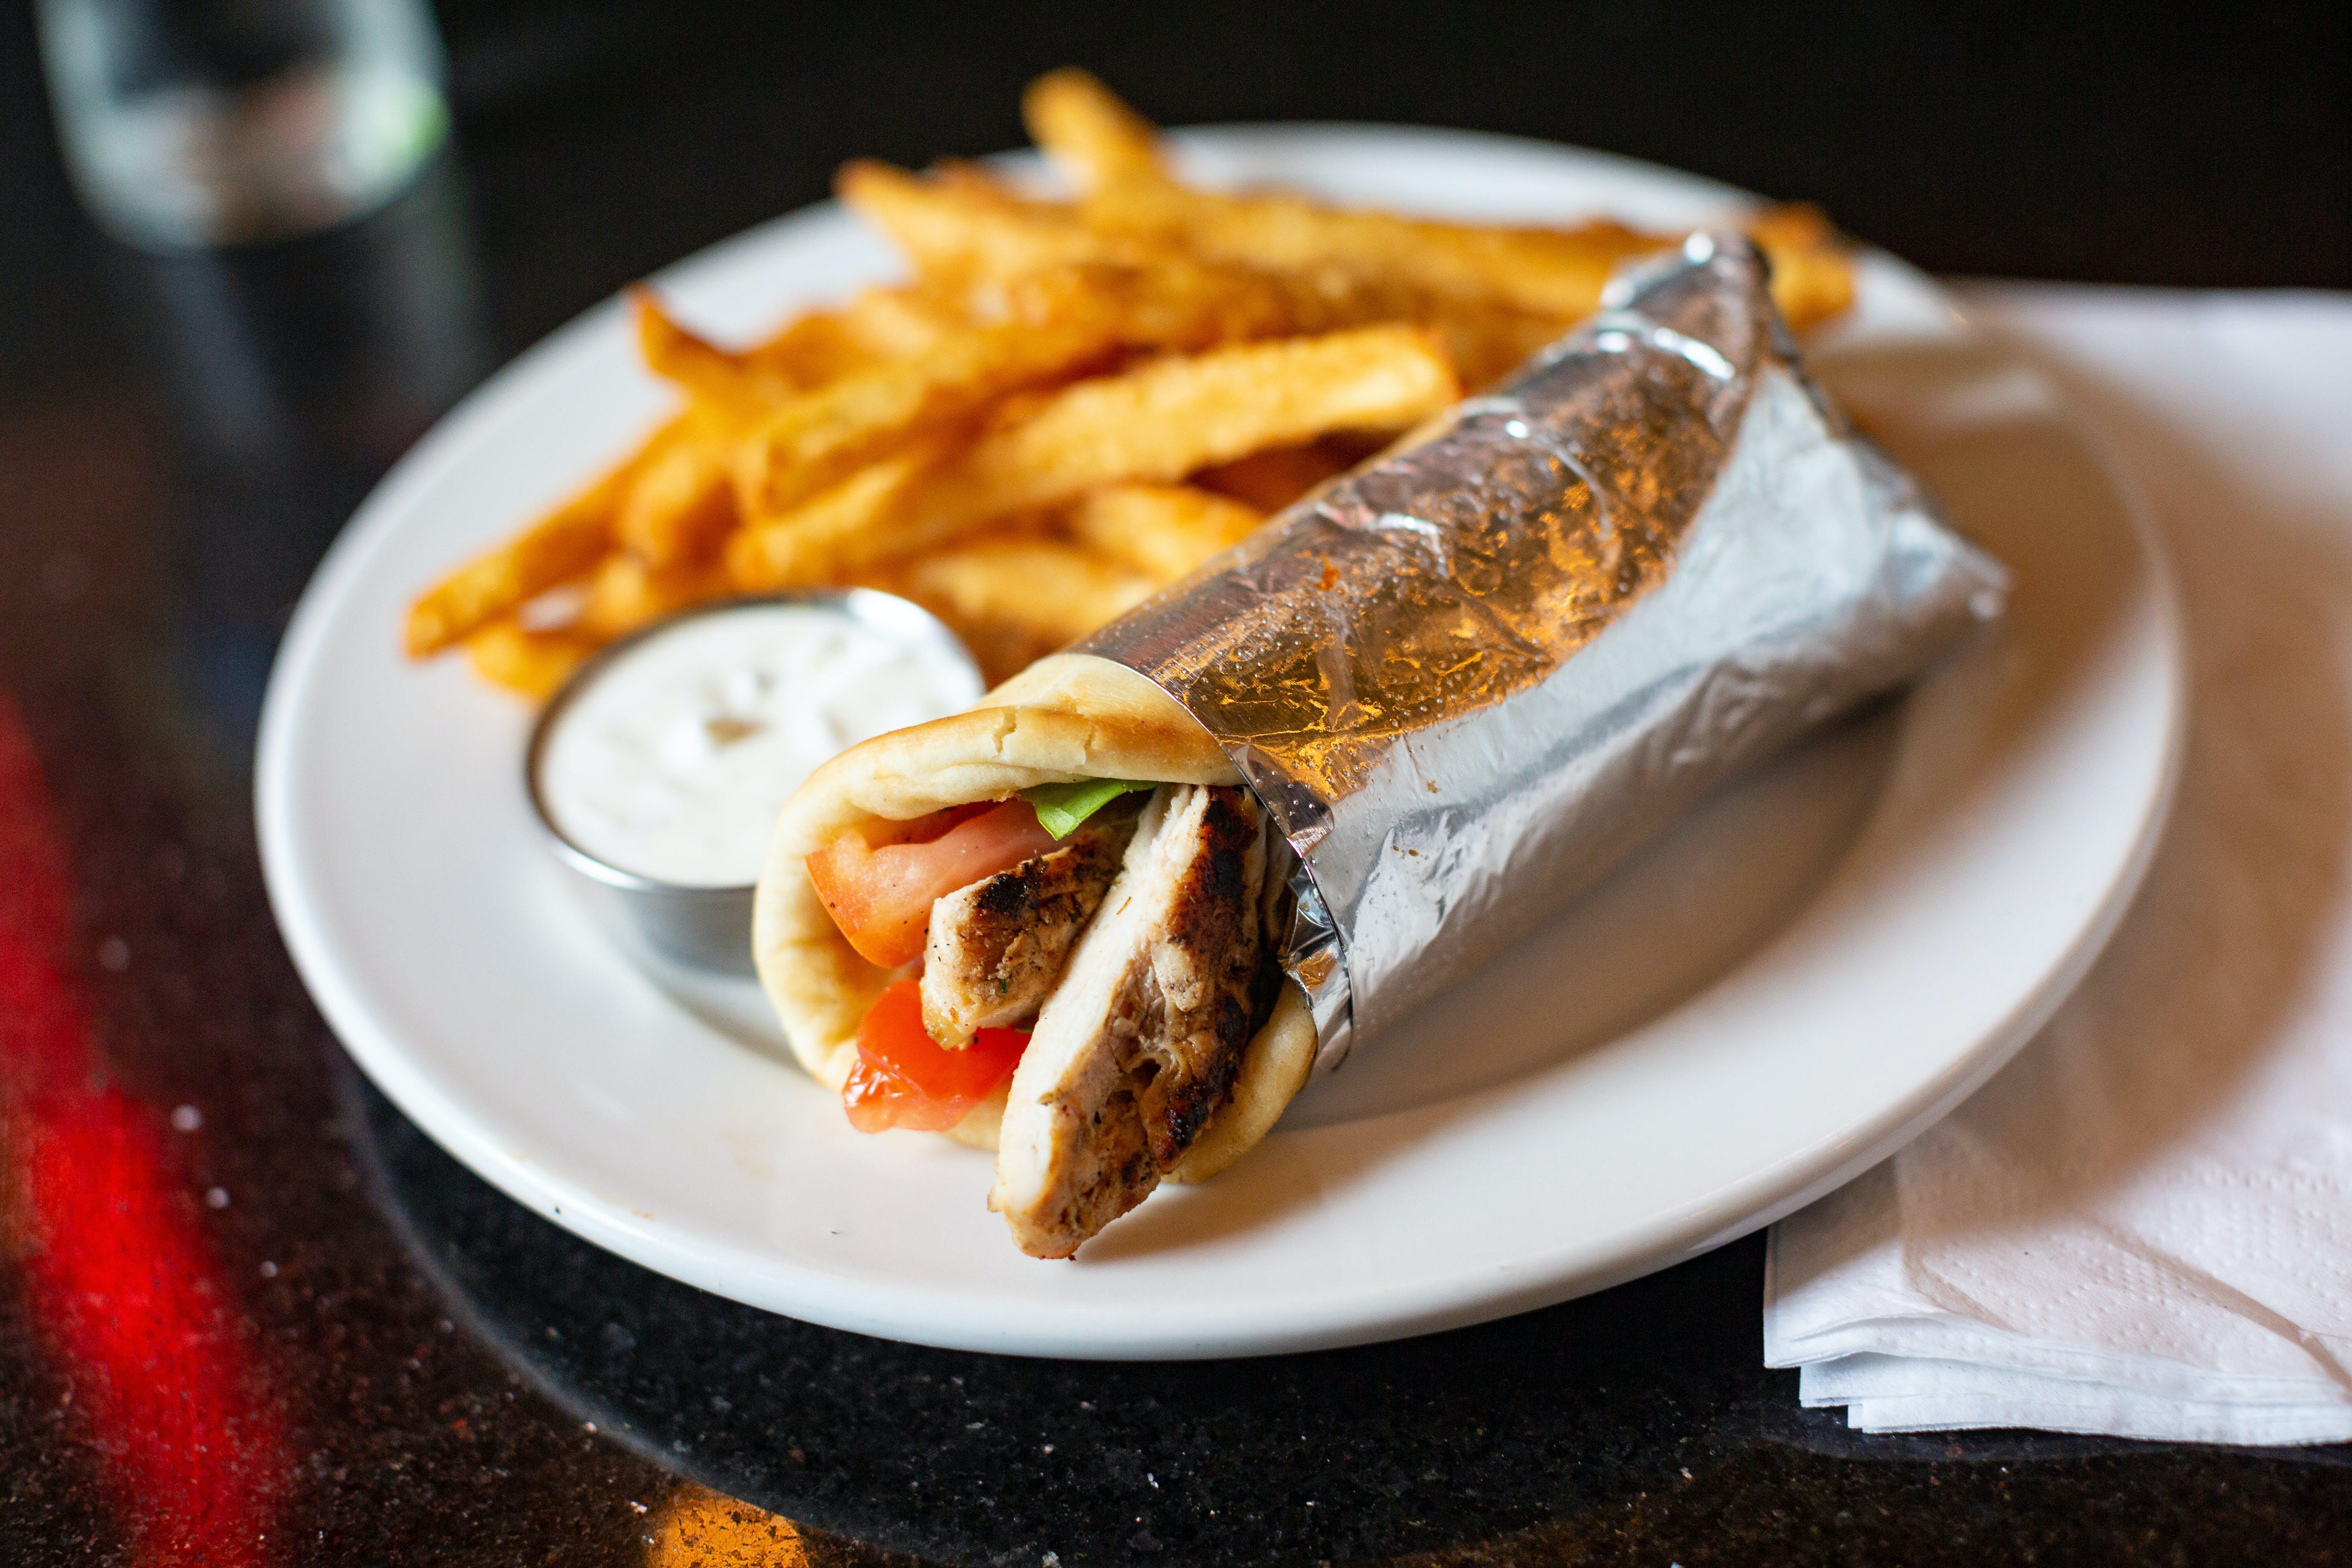 Chicken Skaras Sandwich from The Mad Greek in Lawrence, KS